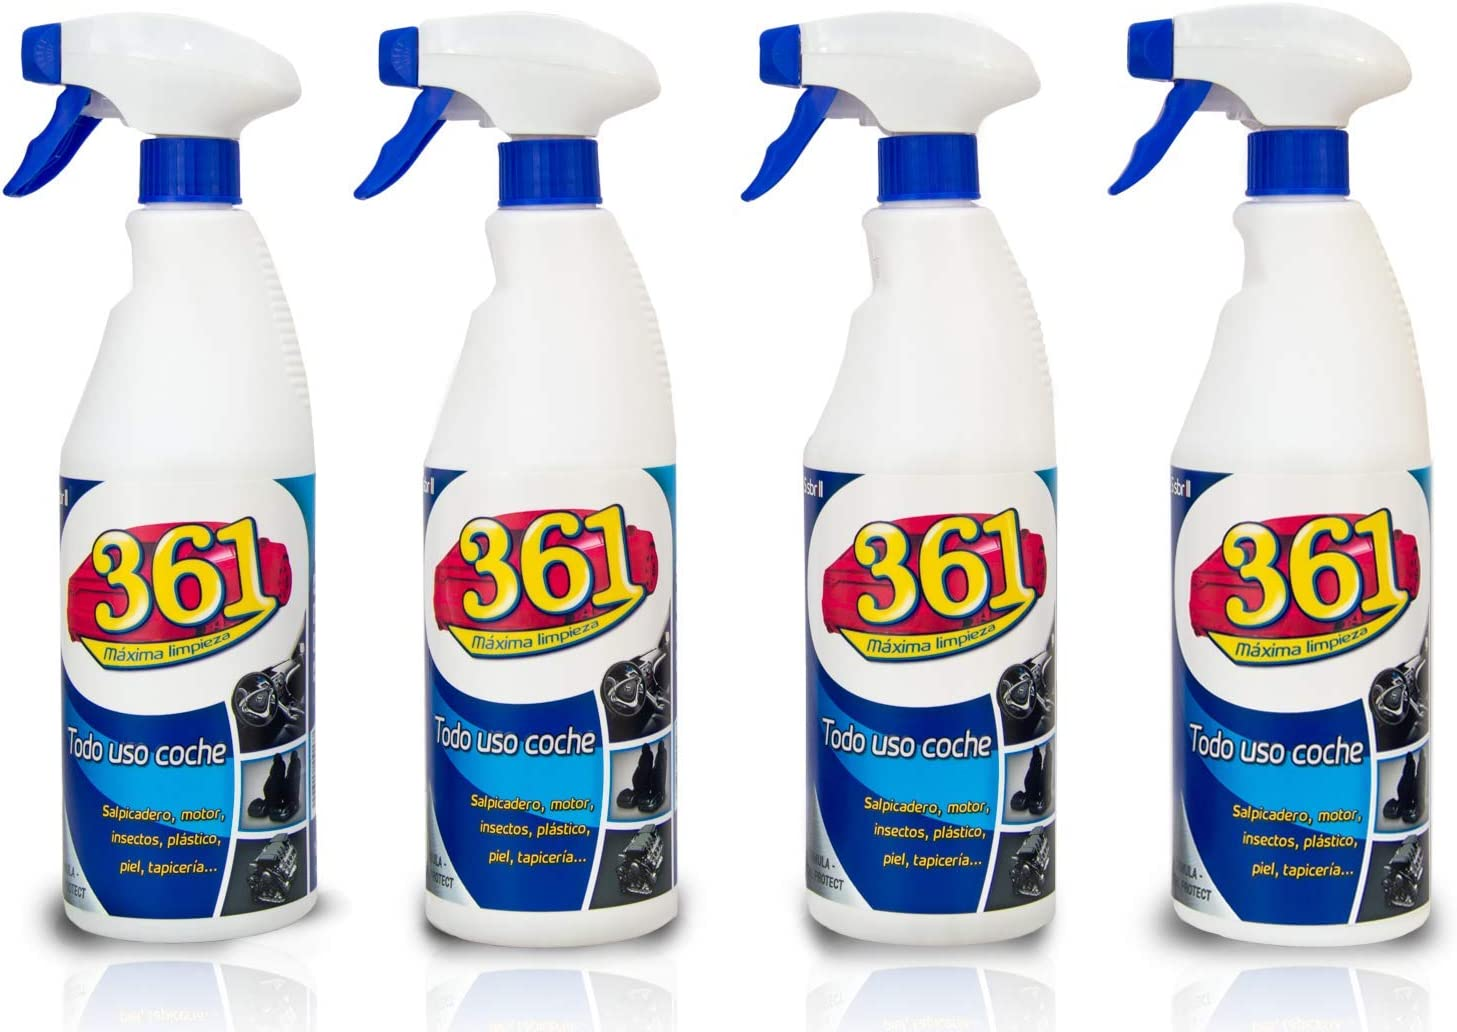 Sisbrill 361 Todo Uso Coche - Limpiador Interior y Exterior del Vehículo - Tapicería, Salpicadero, Cuero, Mosquitos - 750 ml (Pack 4 Unidades 361)